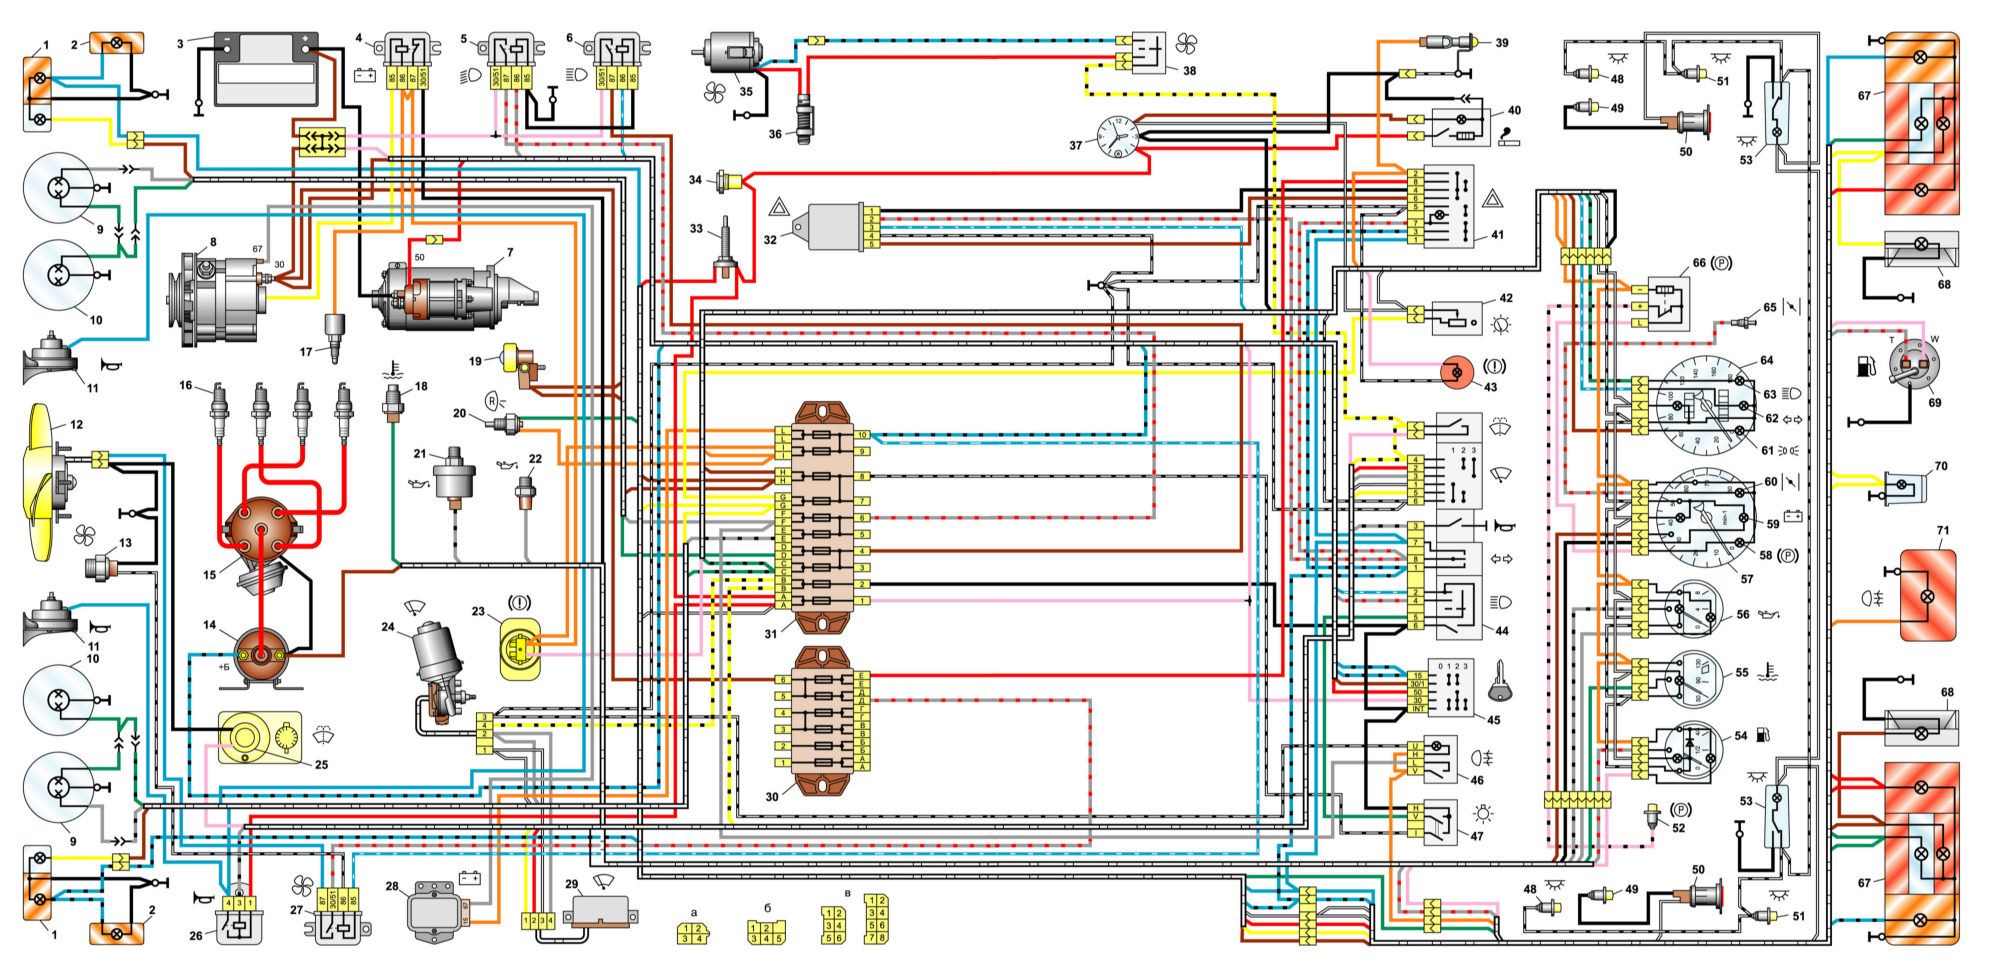 electro vaz2106 obch1 - Схема проводки света ваз 2106